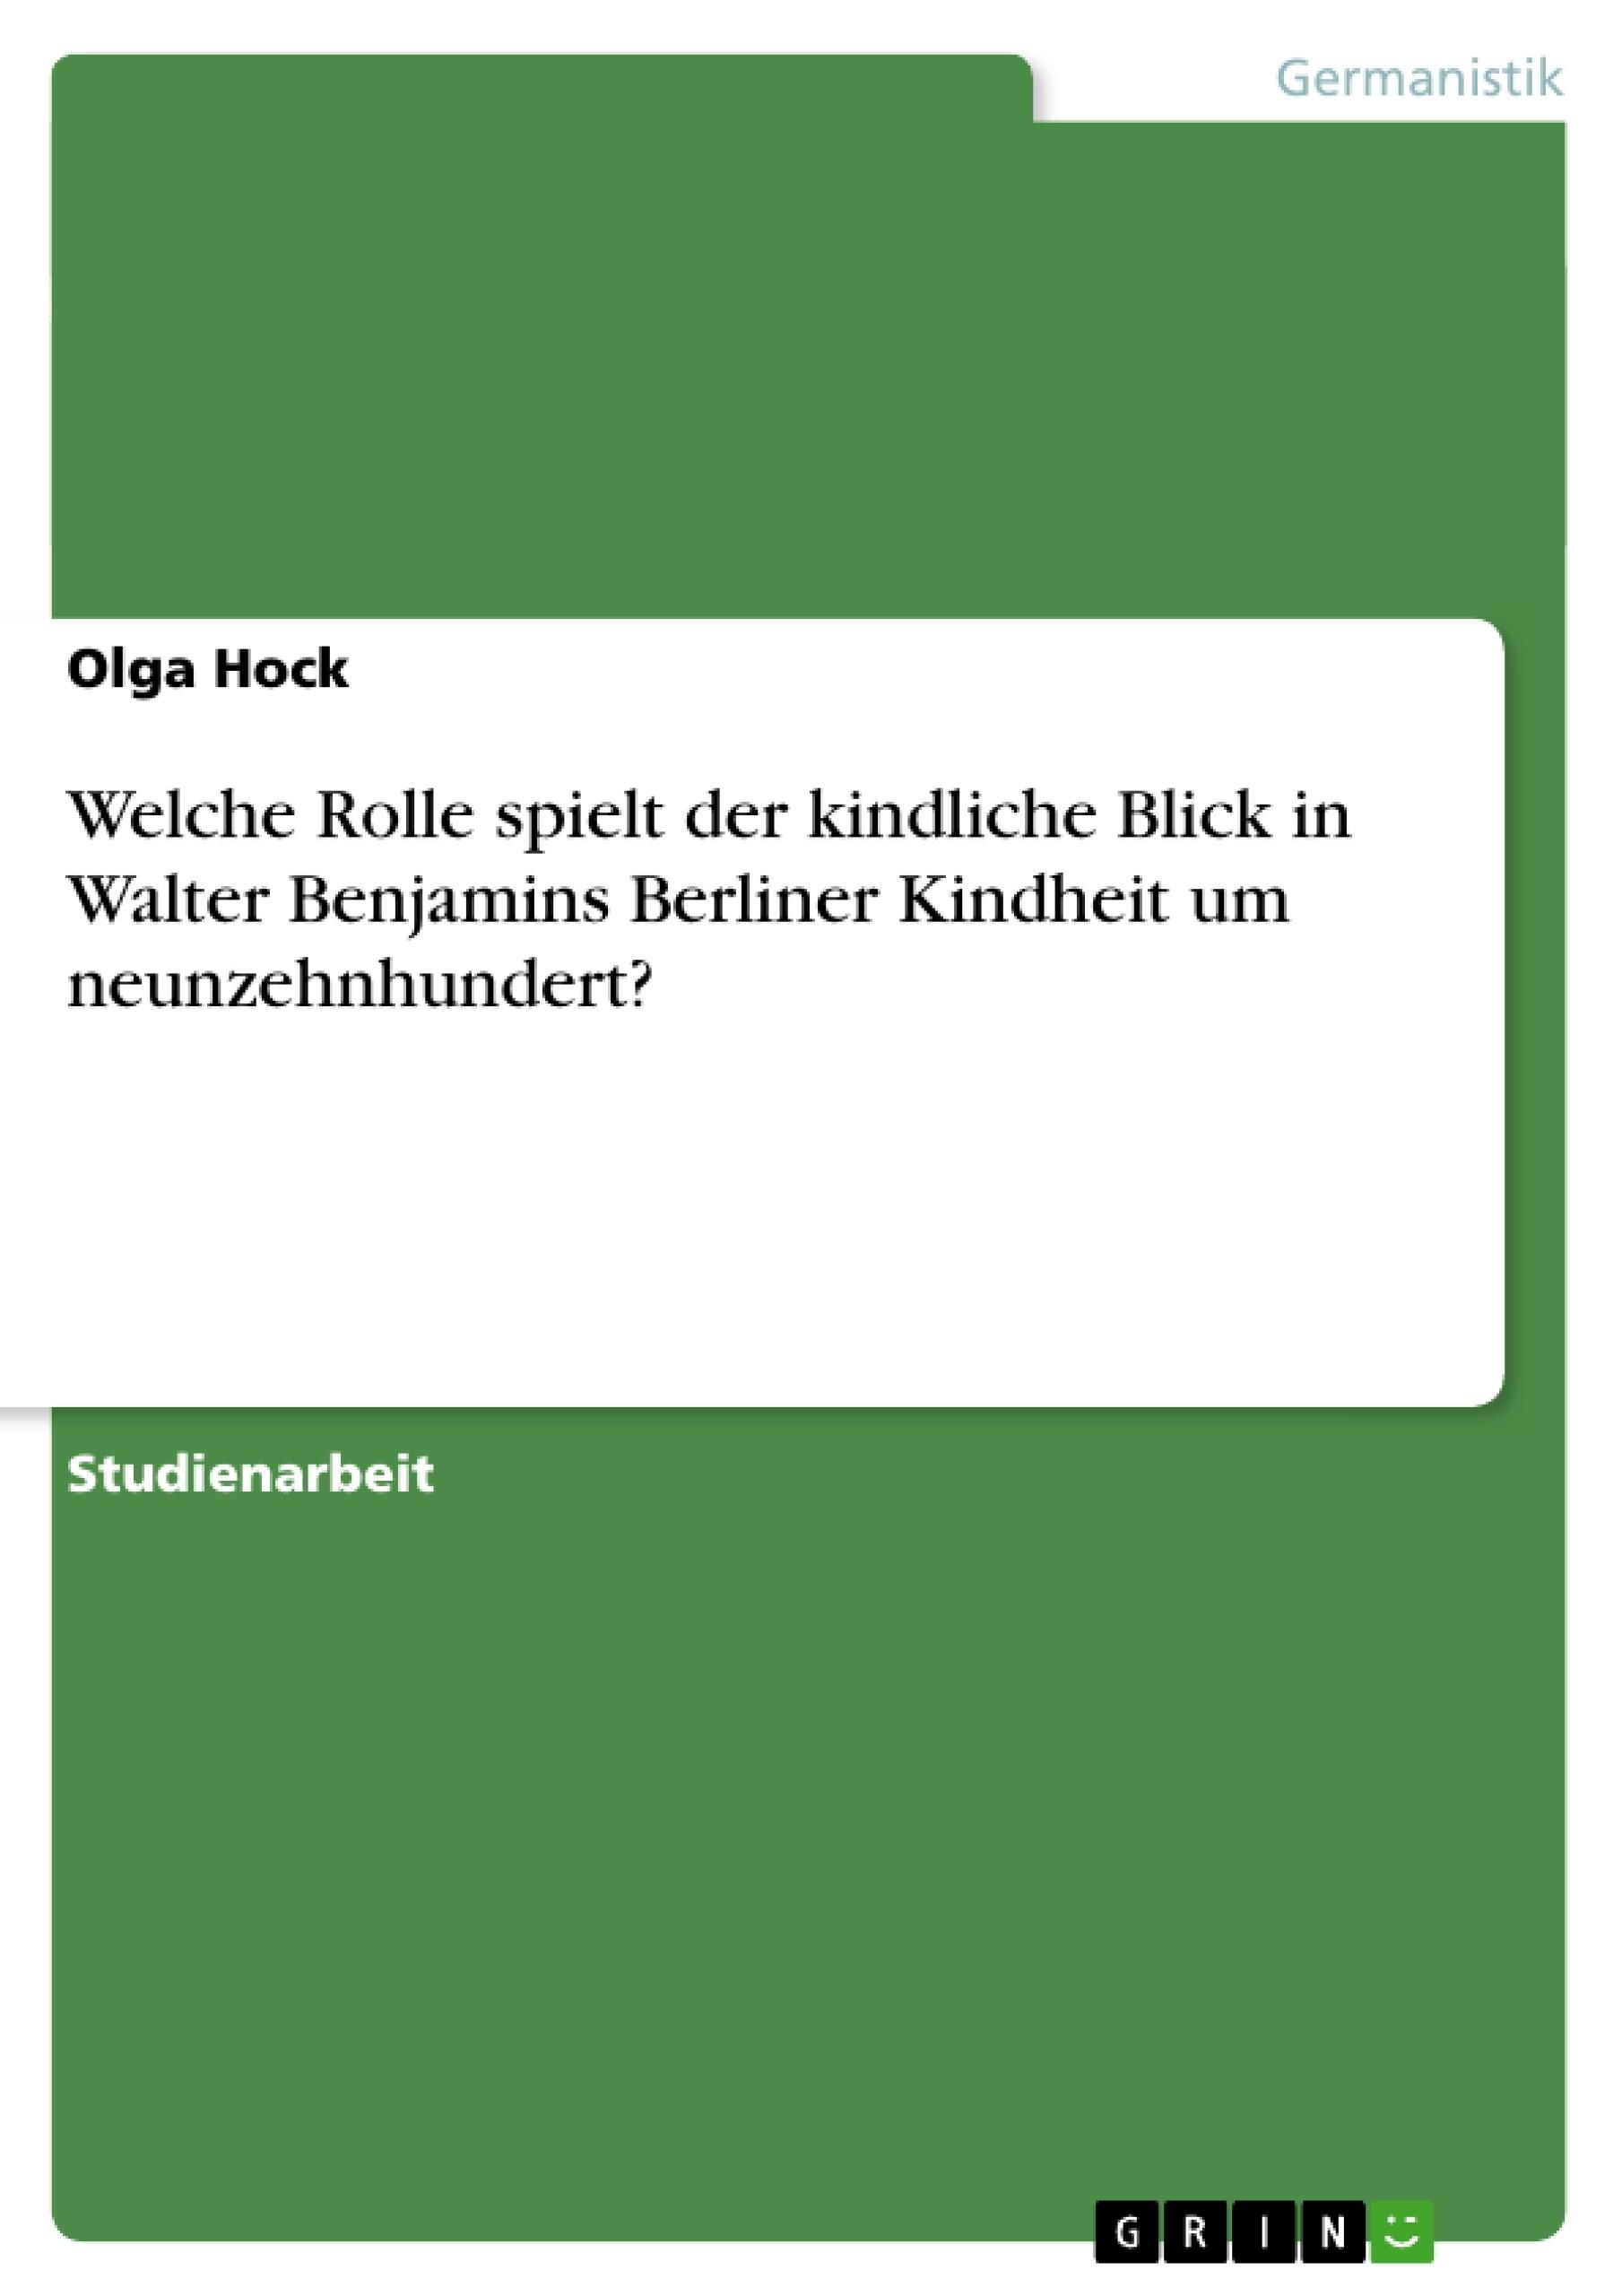 Titel: Welche Rolle spielt der kindliche Blick in Walter Benjamins Berliner Kindheit um neunzehnhundert?